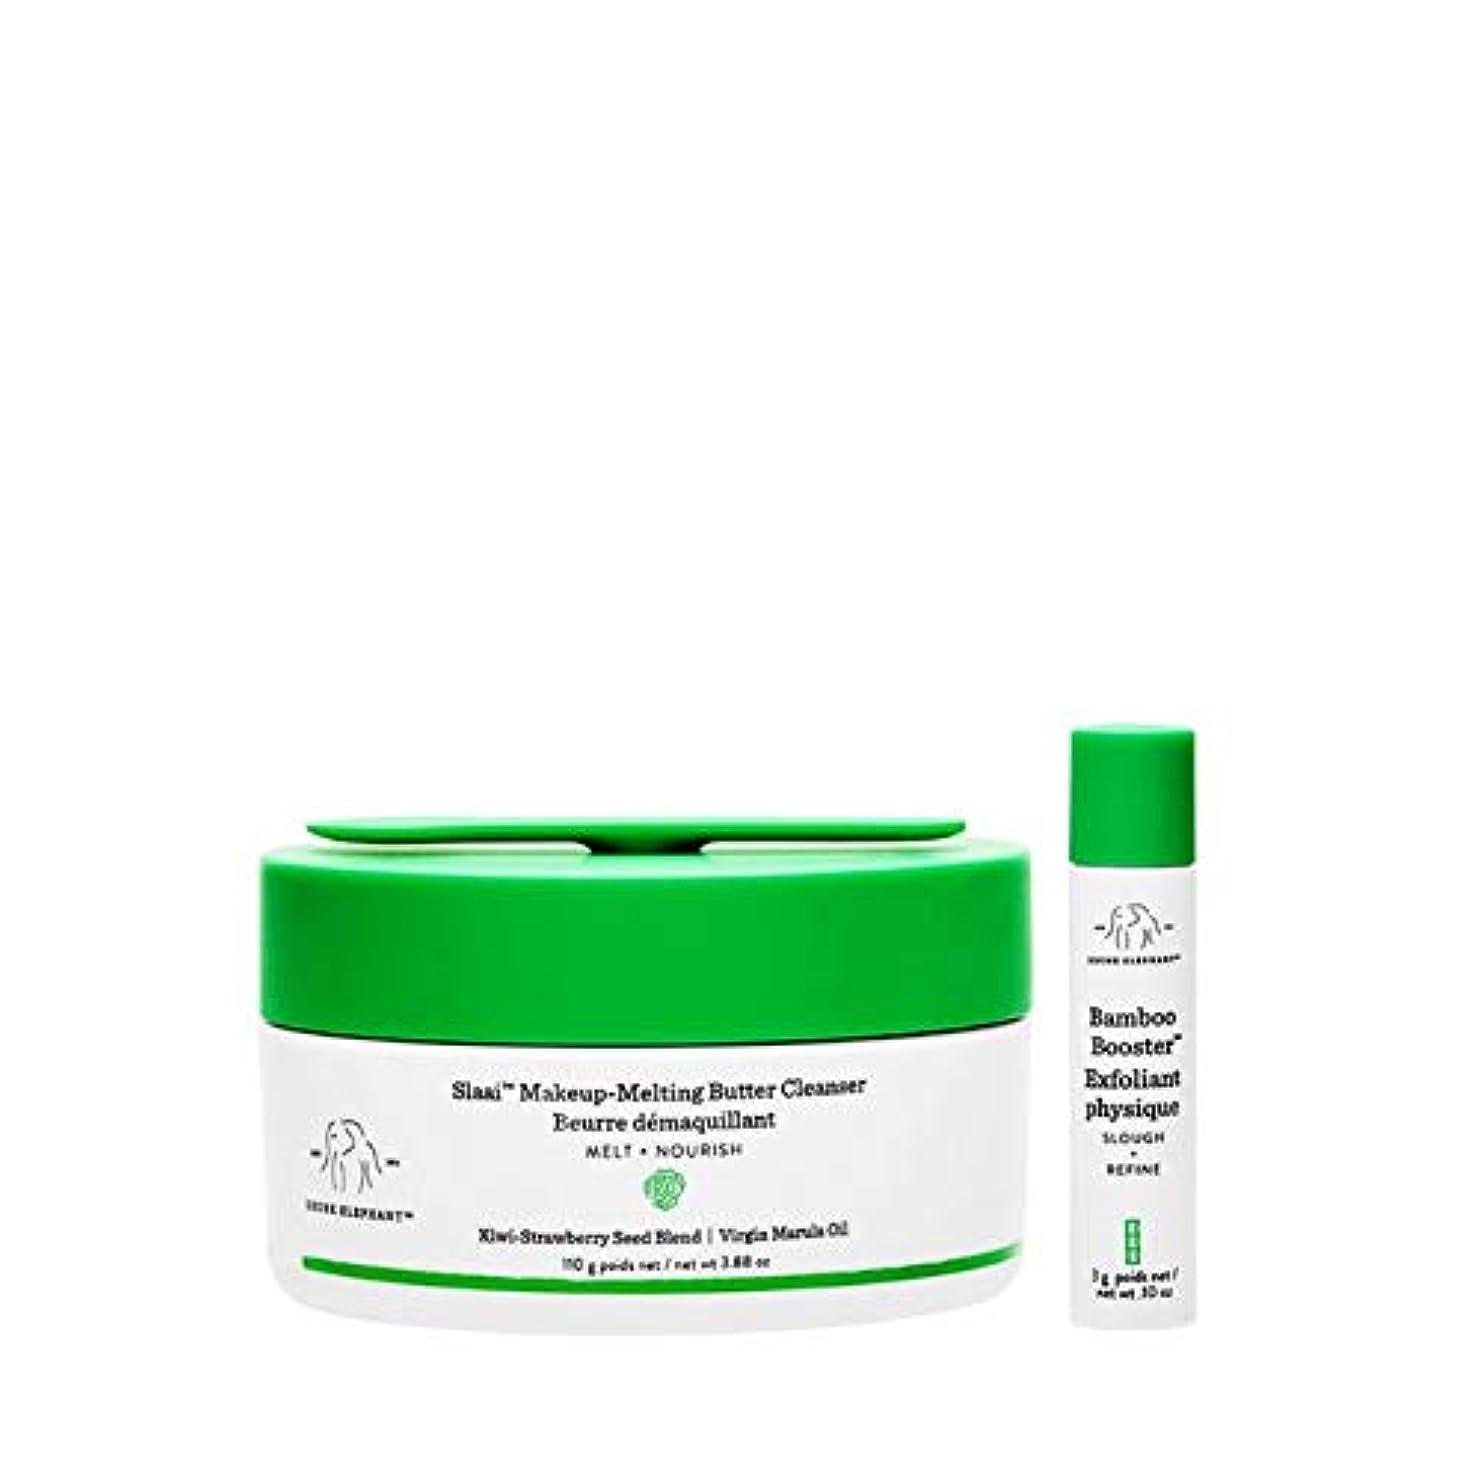 実験をする違反退屈DRUNK ELEPHANT Slaai Makeup-Melting Butter Cleanser ドランクエレファント スラエー メーカップ メルティング バター クレンザー 110g